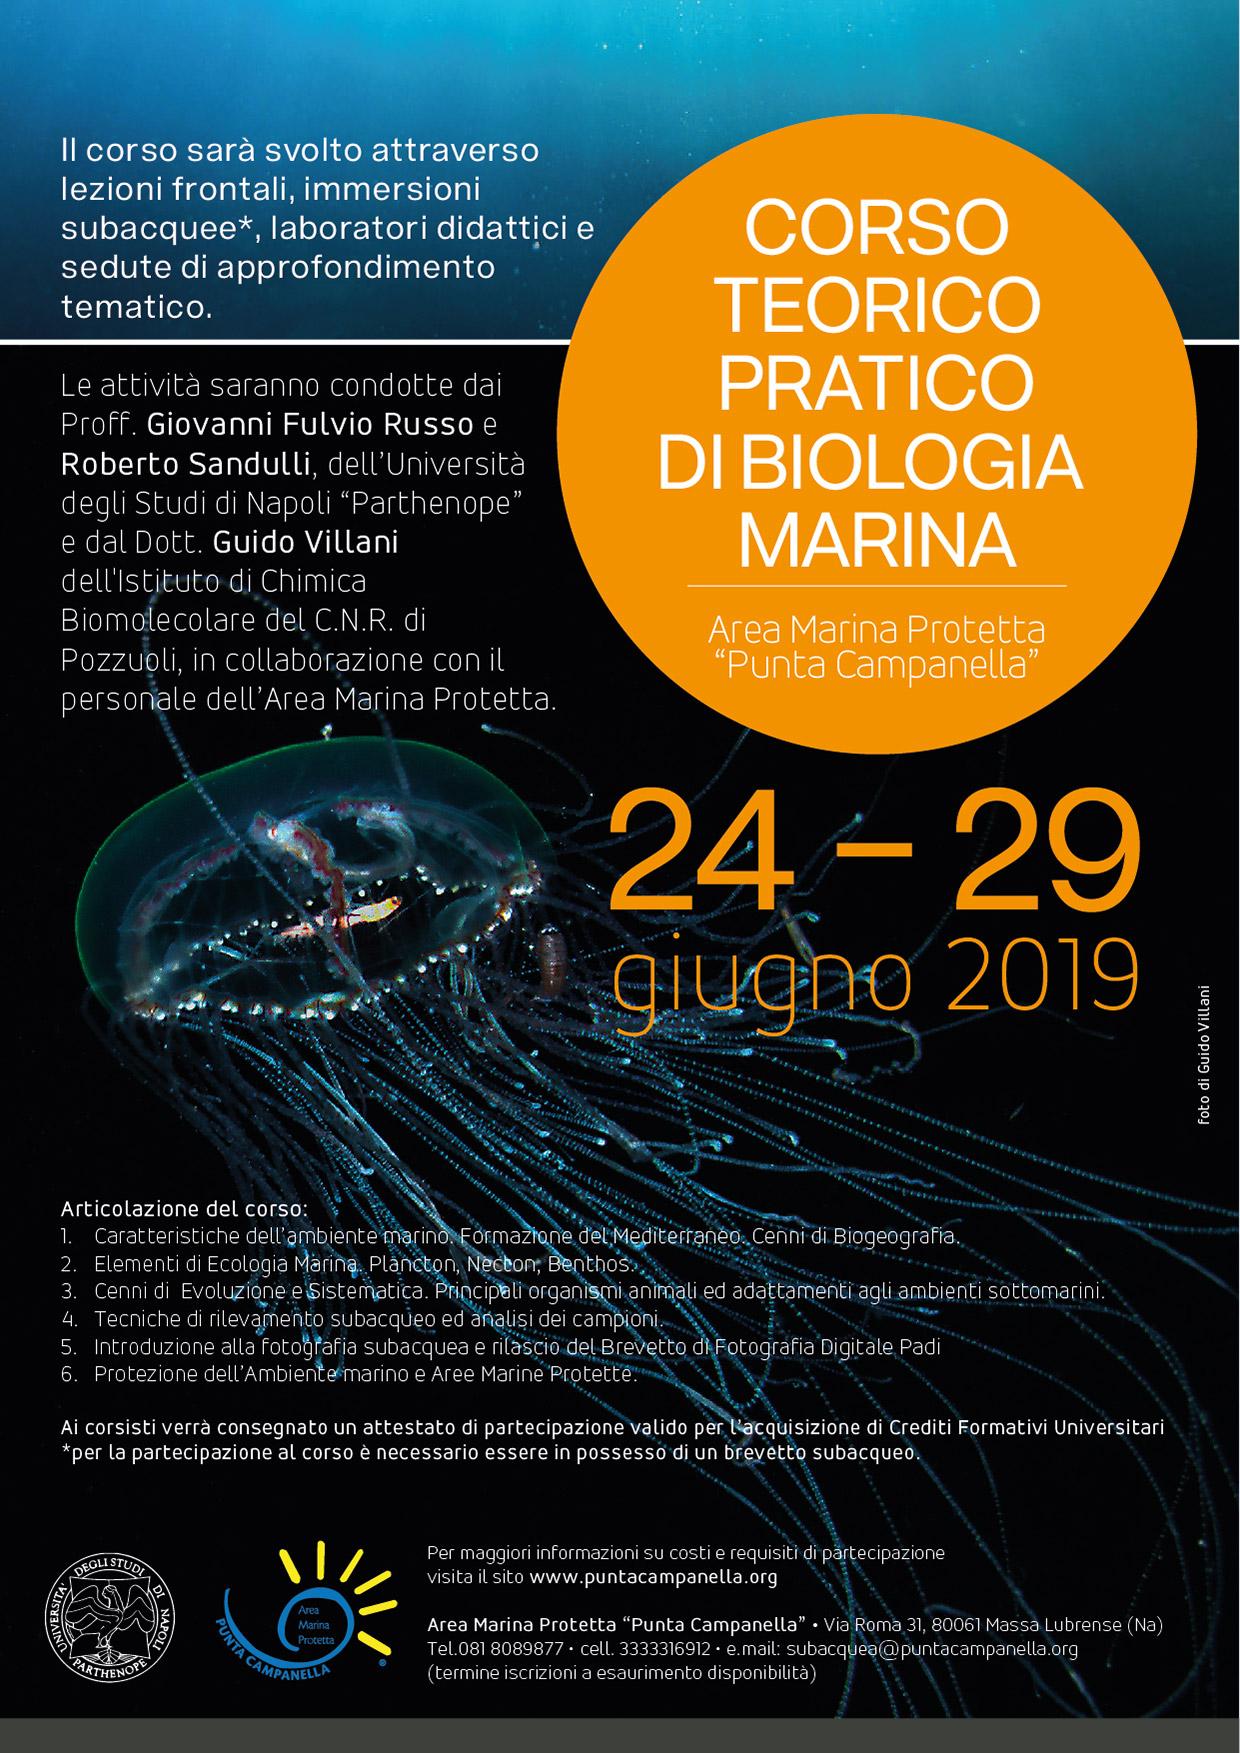 Corso teorico-pratico di Biologia Marina 2019 - Locandina